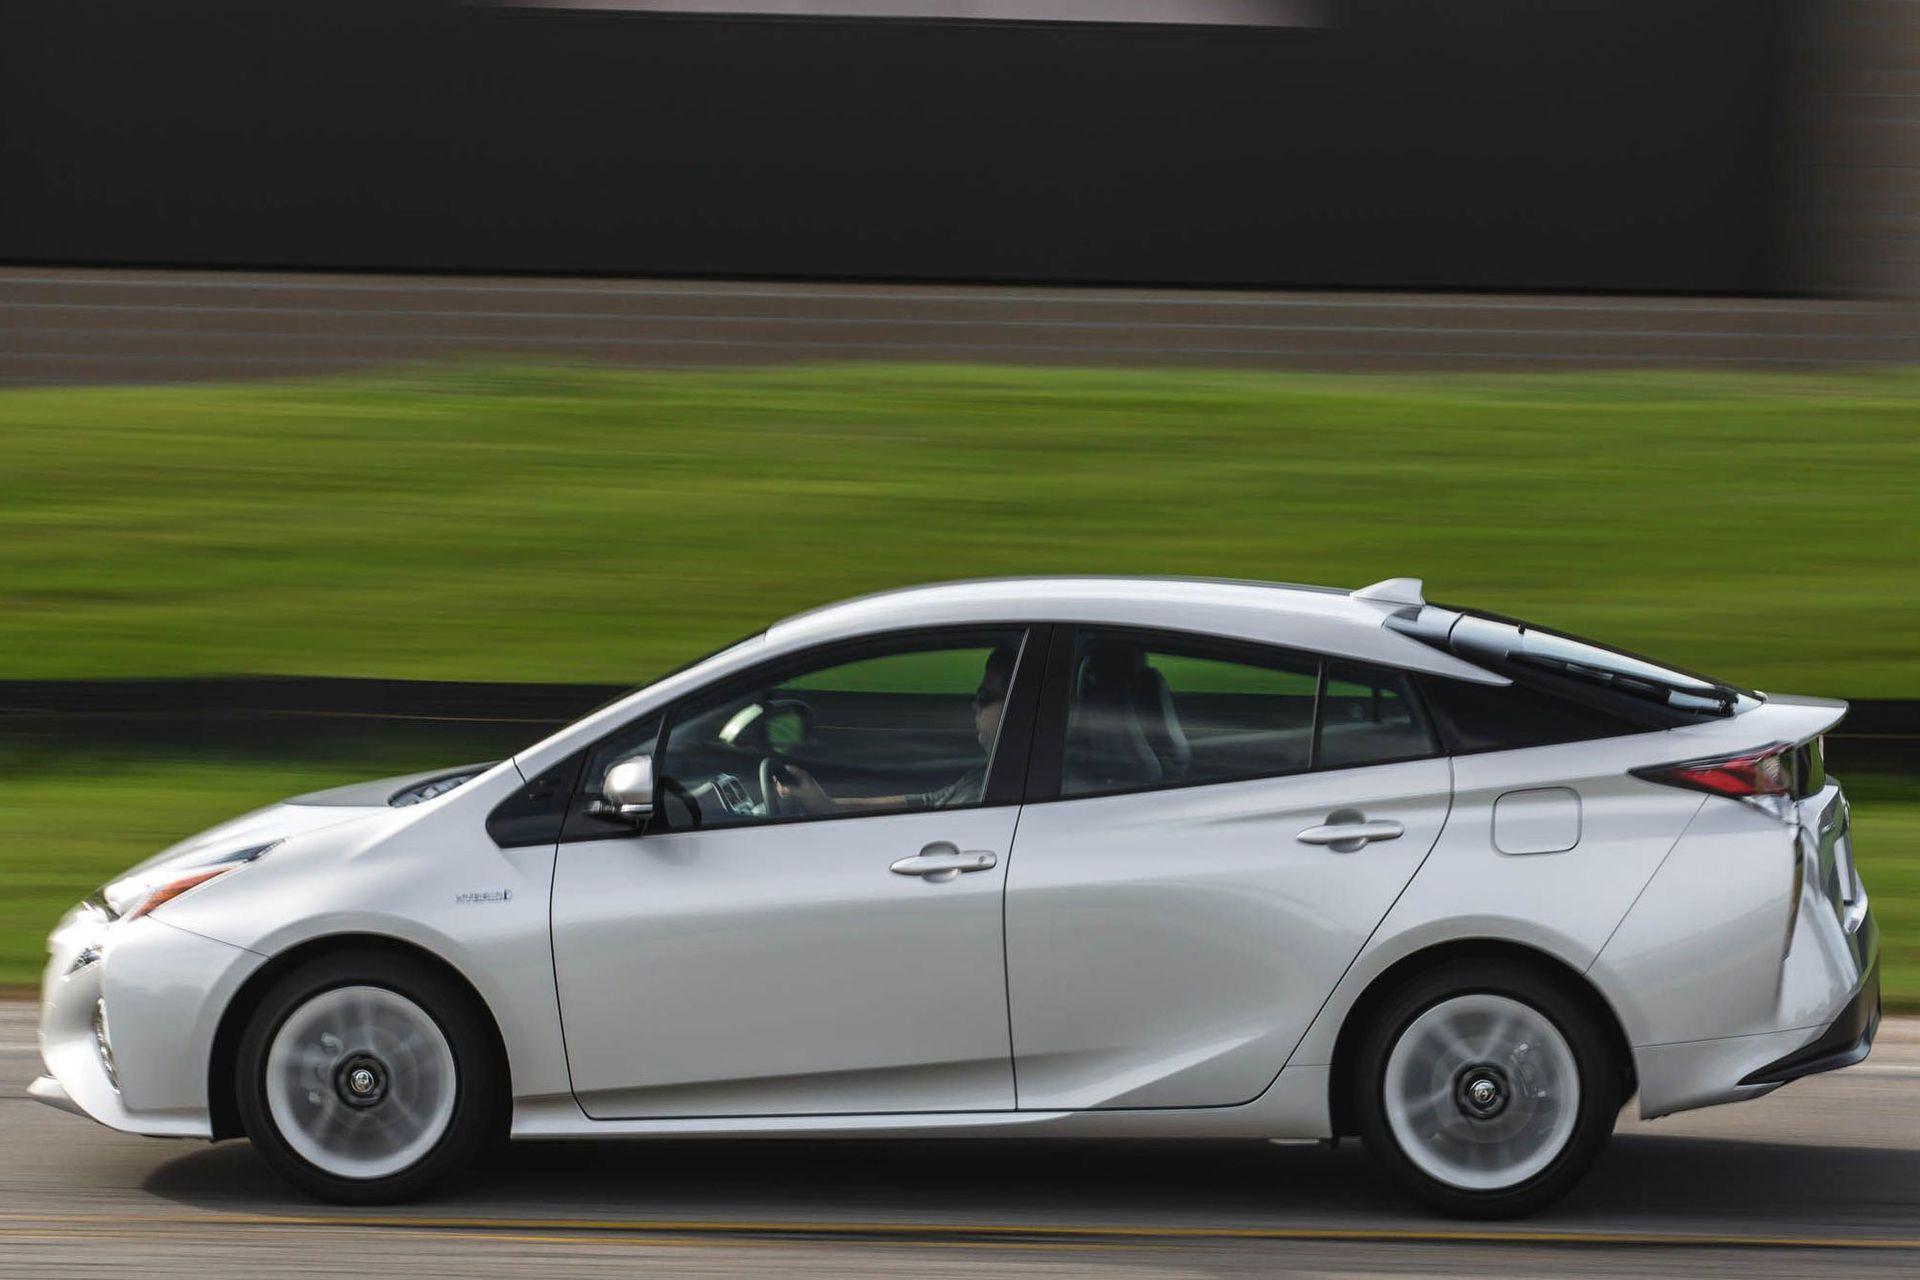 El Prius es la apuesta híbrida de Toyota